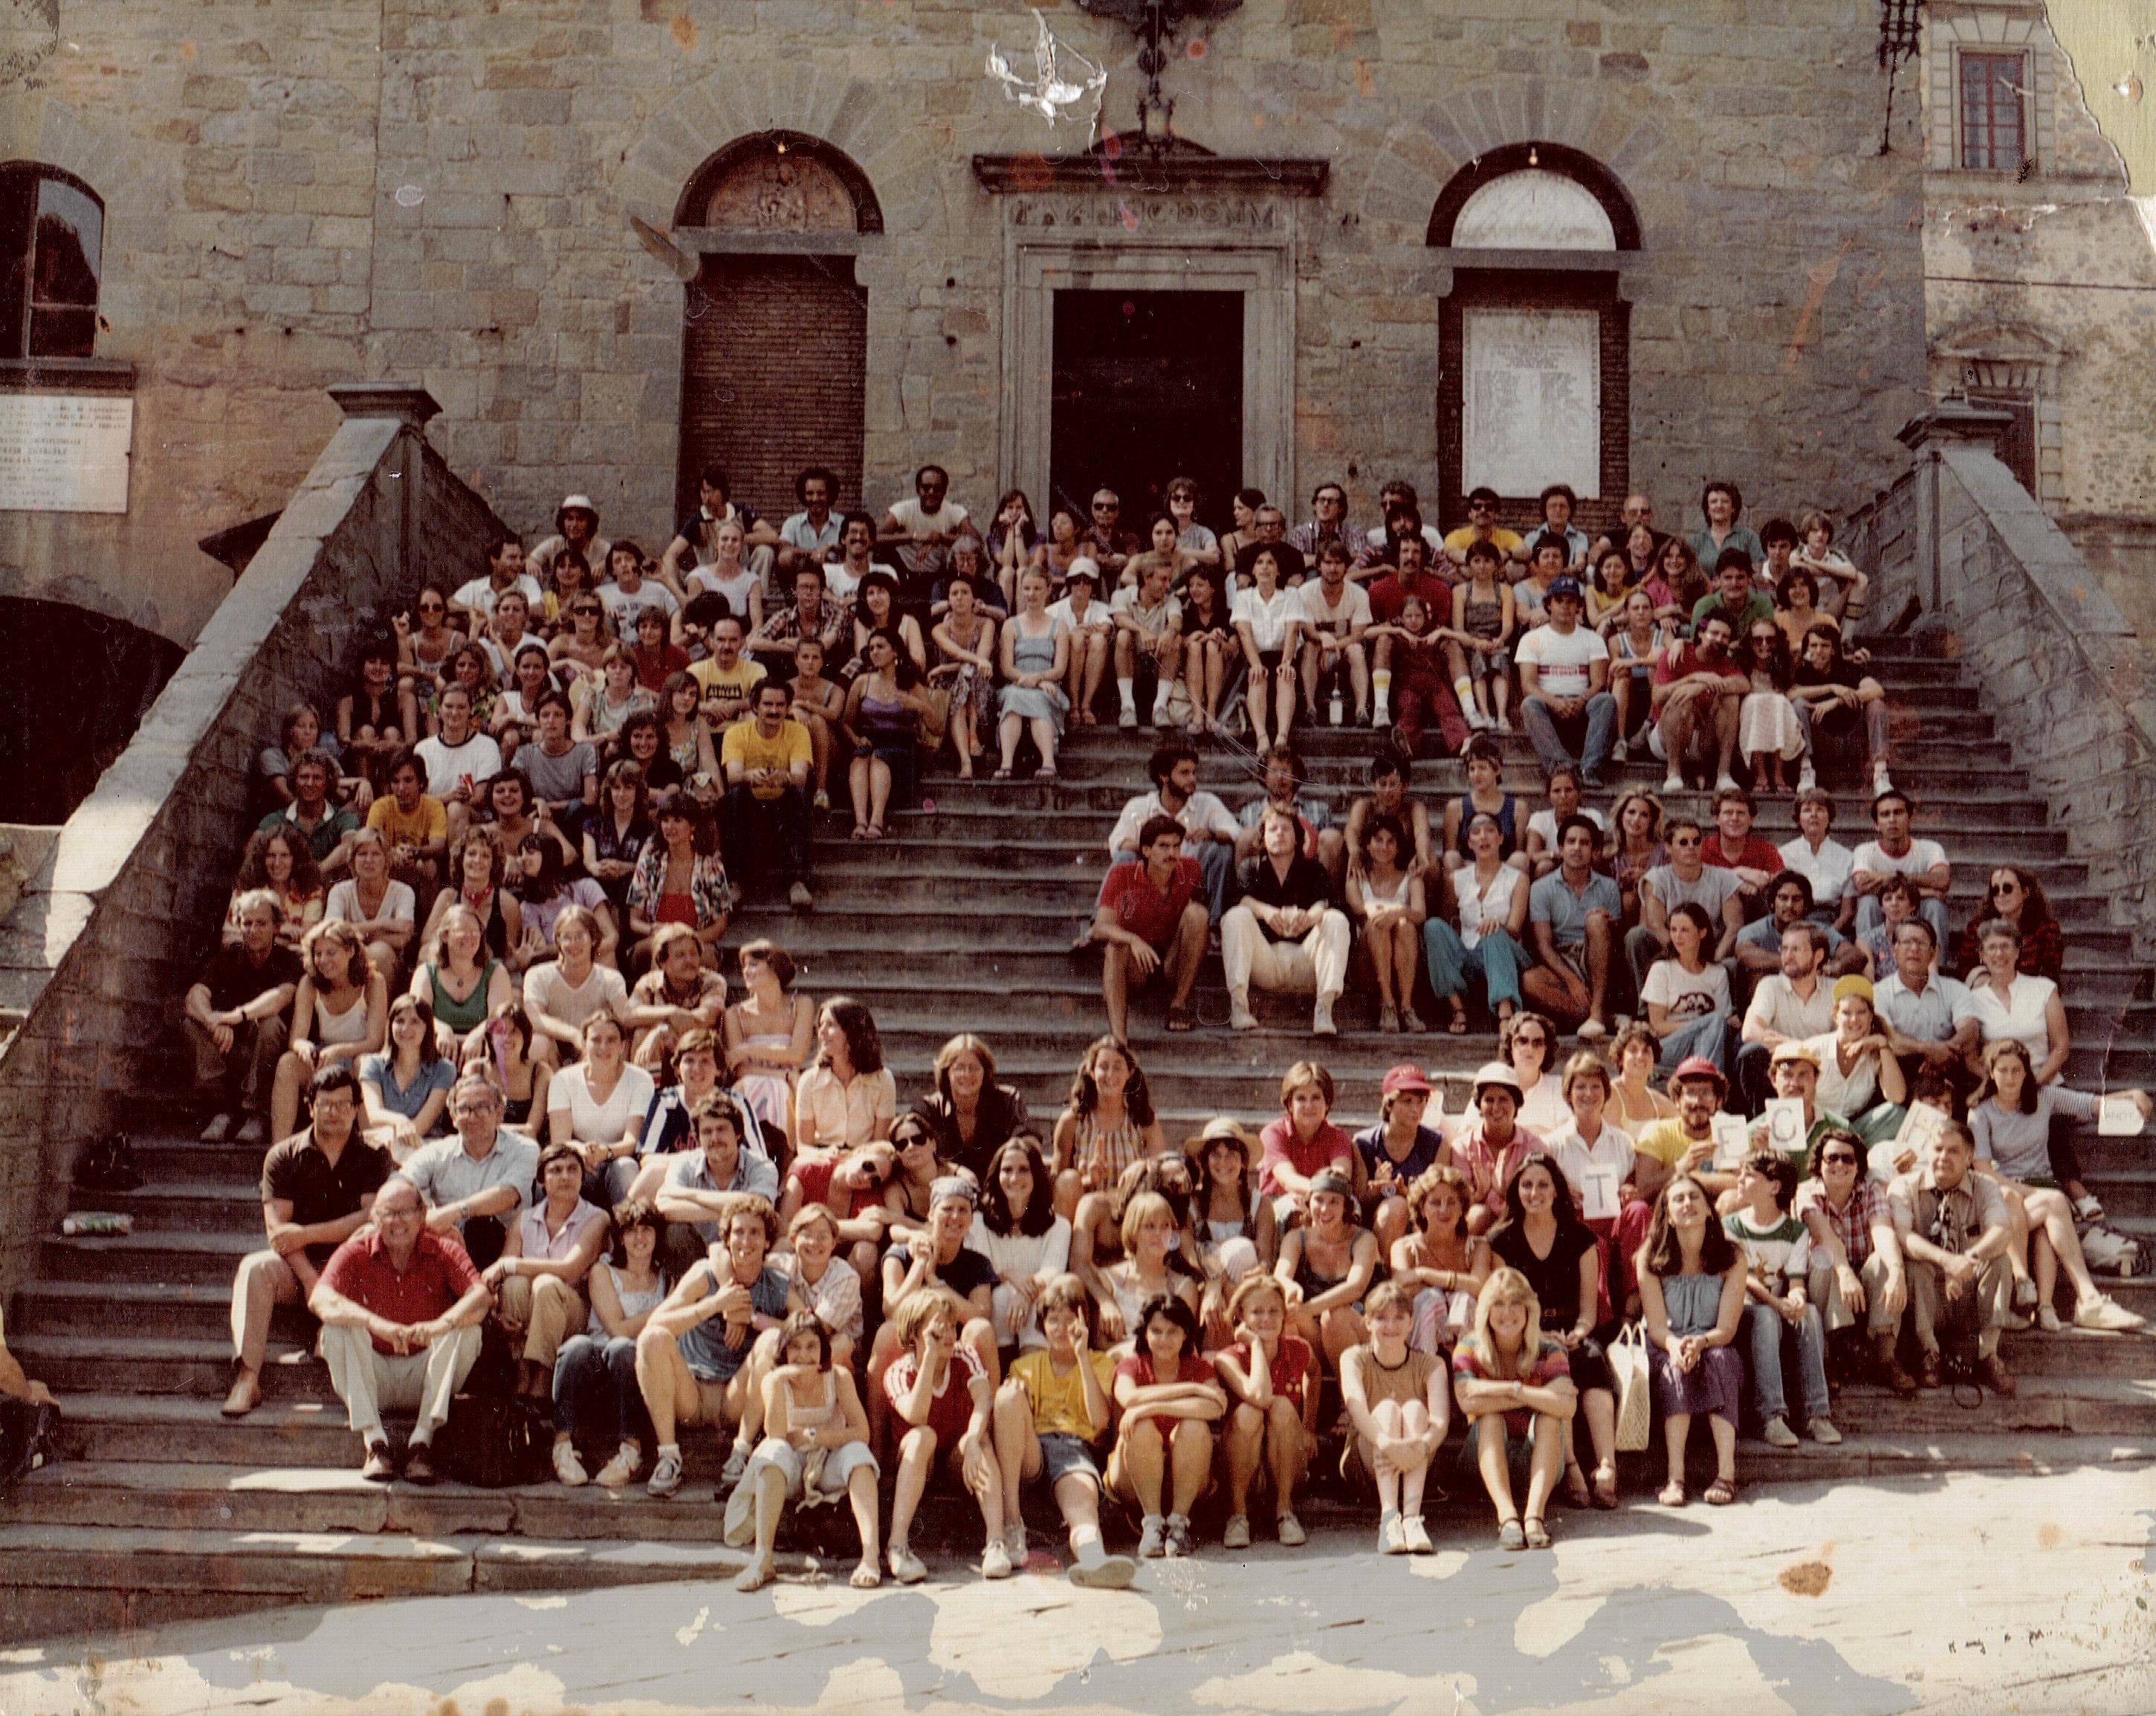 50 anni di ricordi fotografici tra Cortona e l'Università della Georgia in collaborazione con Cortona On The Move